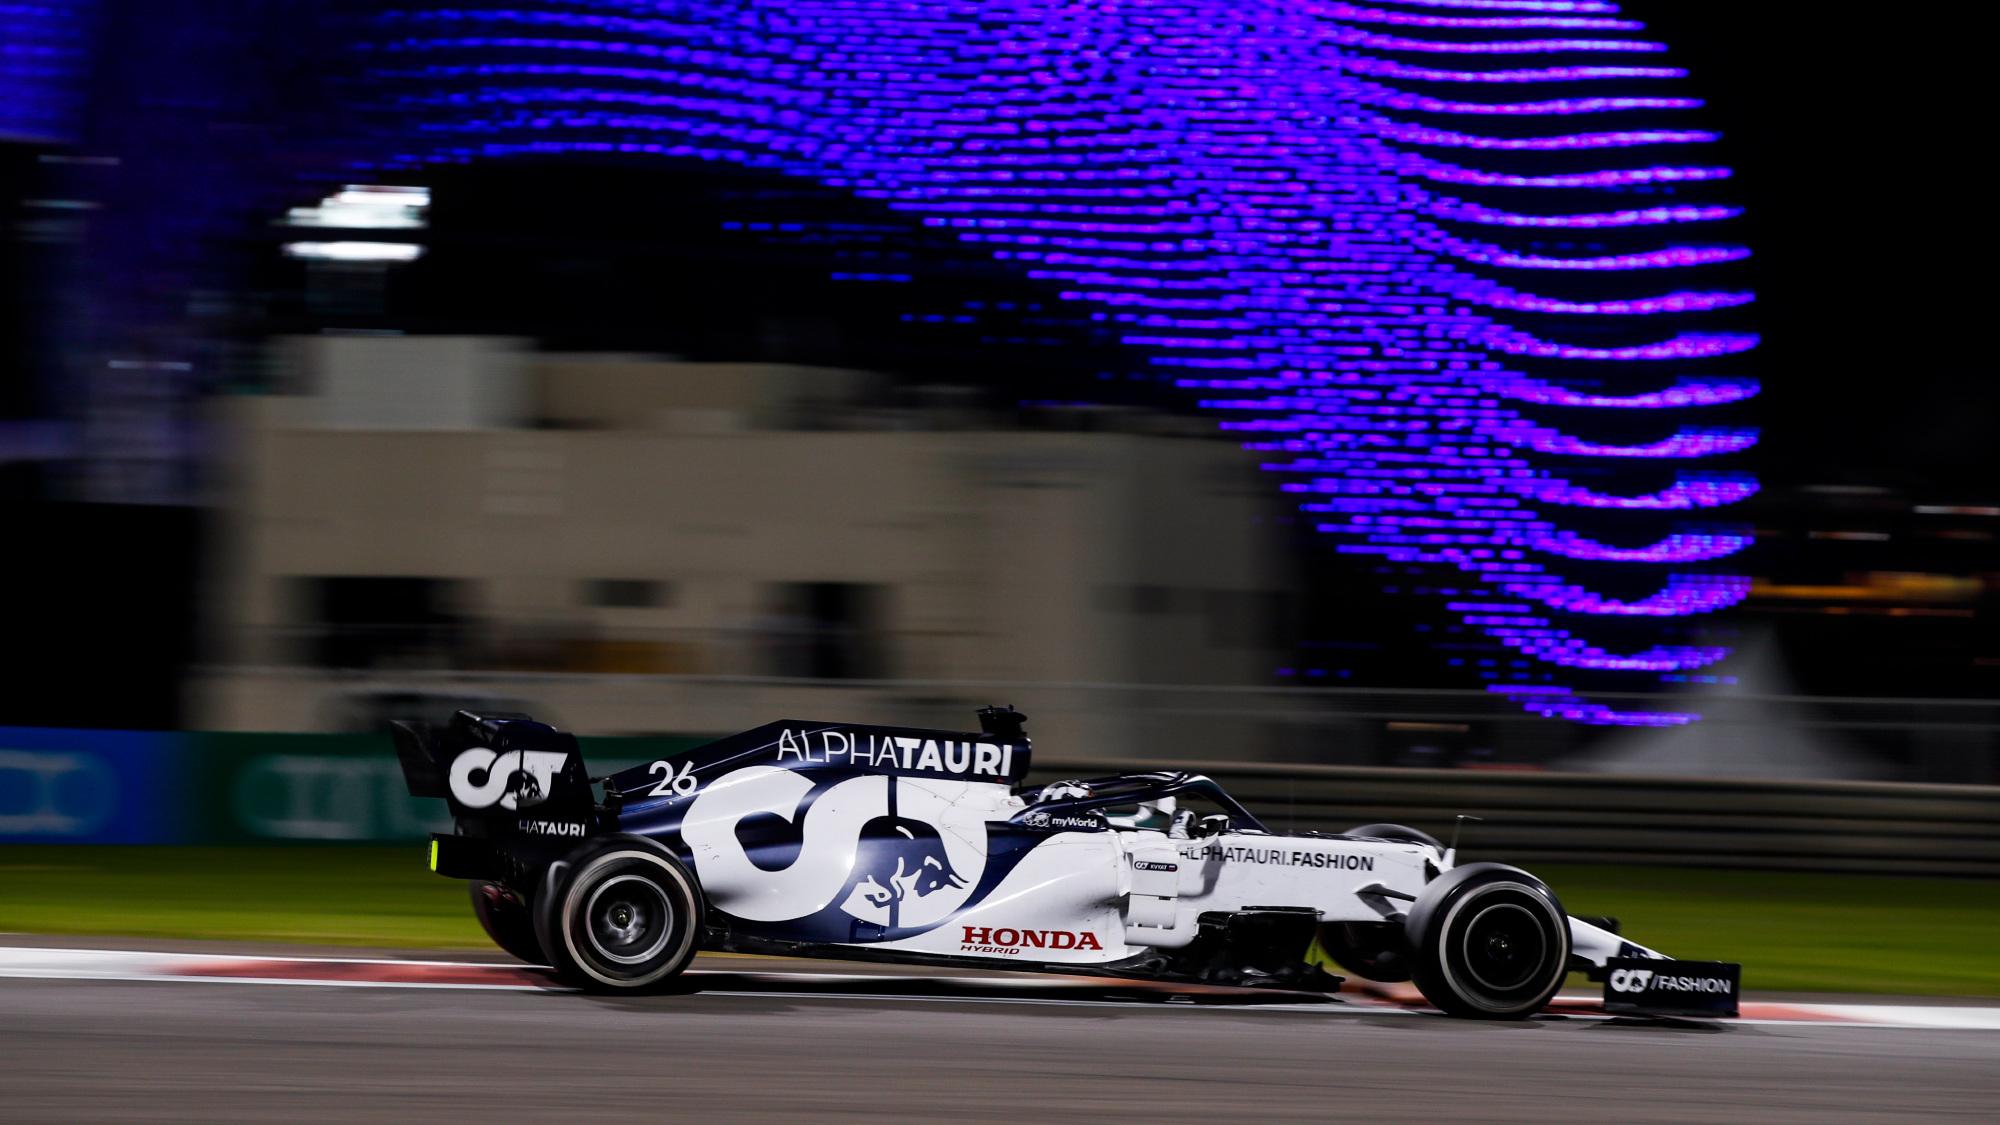 Daniil Kvyat, 2020 Abu Dhabi GP